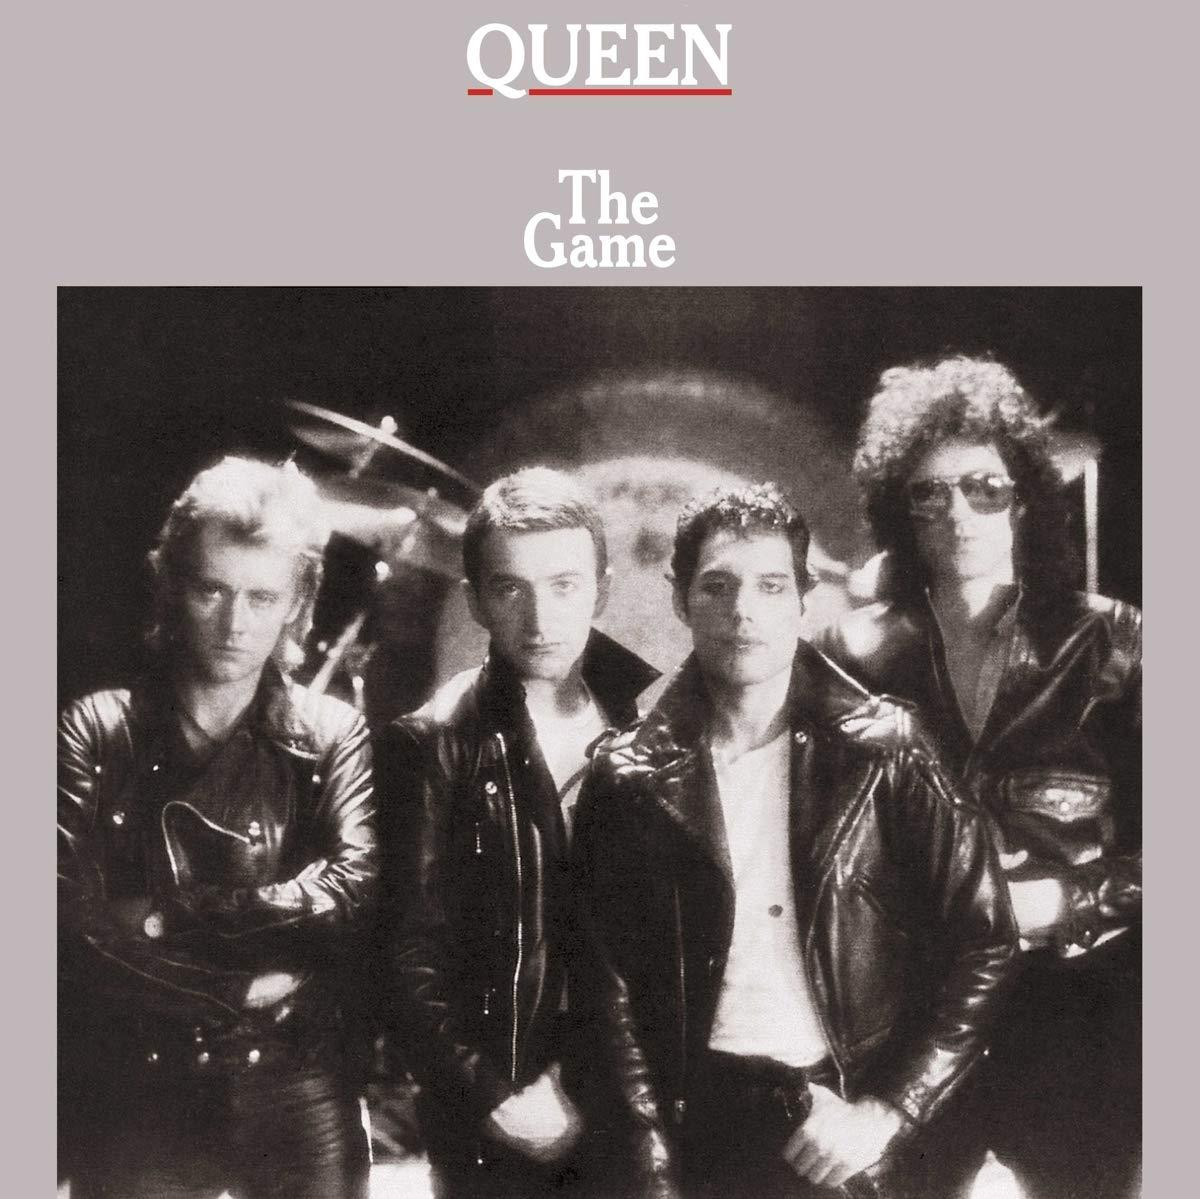 CD's de Queen a 6,99€ en 4x3 en Amazon (sale a 5,24€/CD)